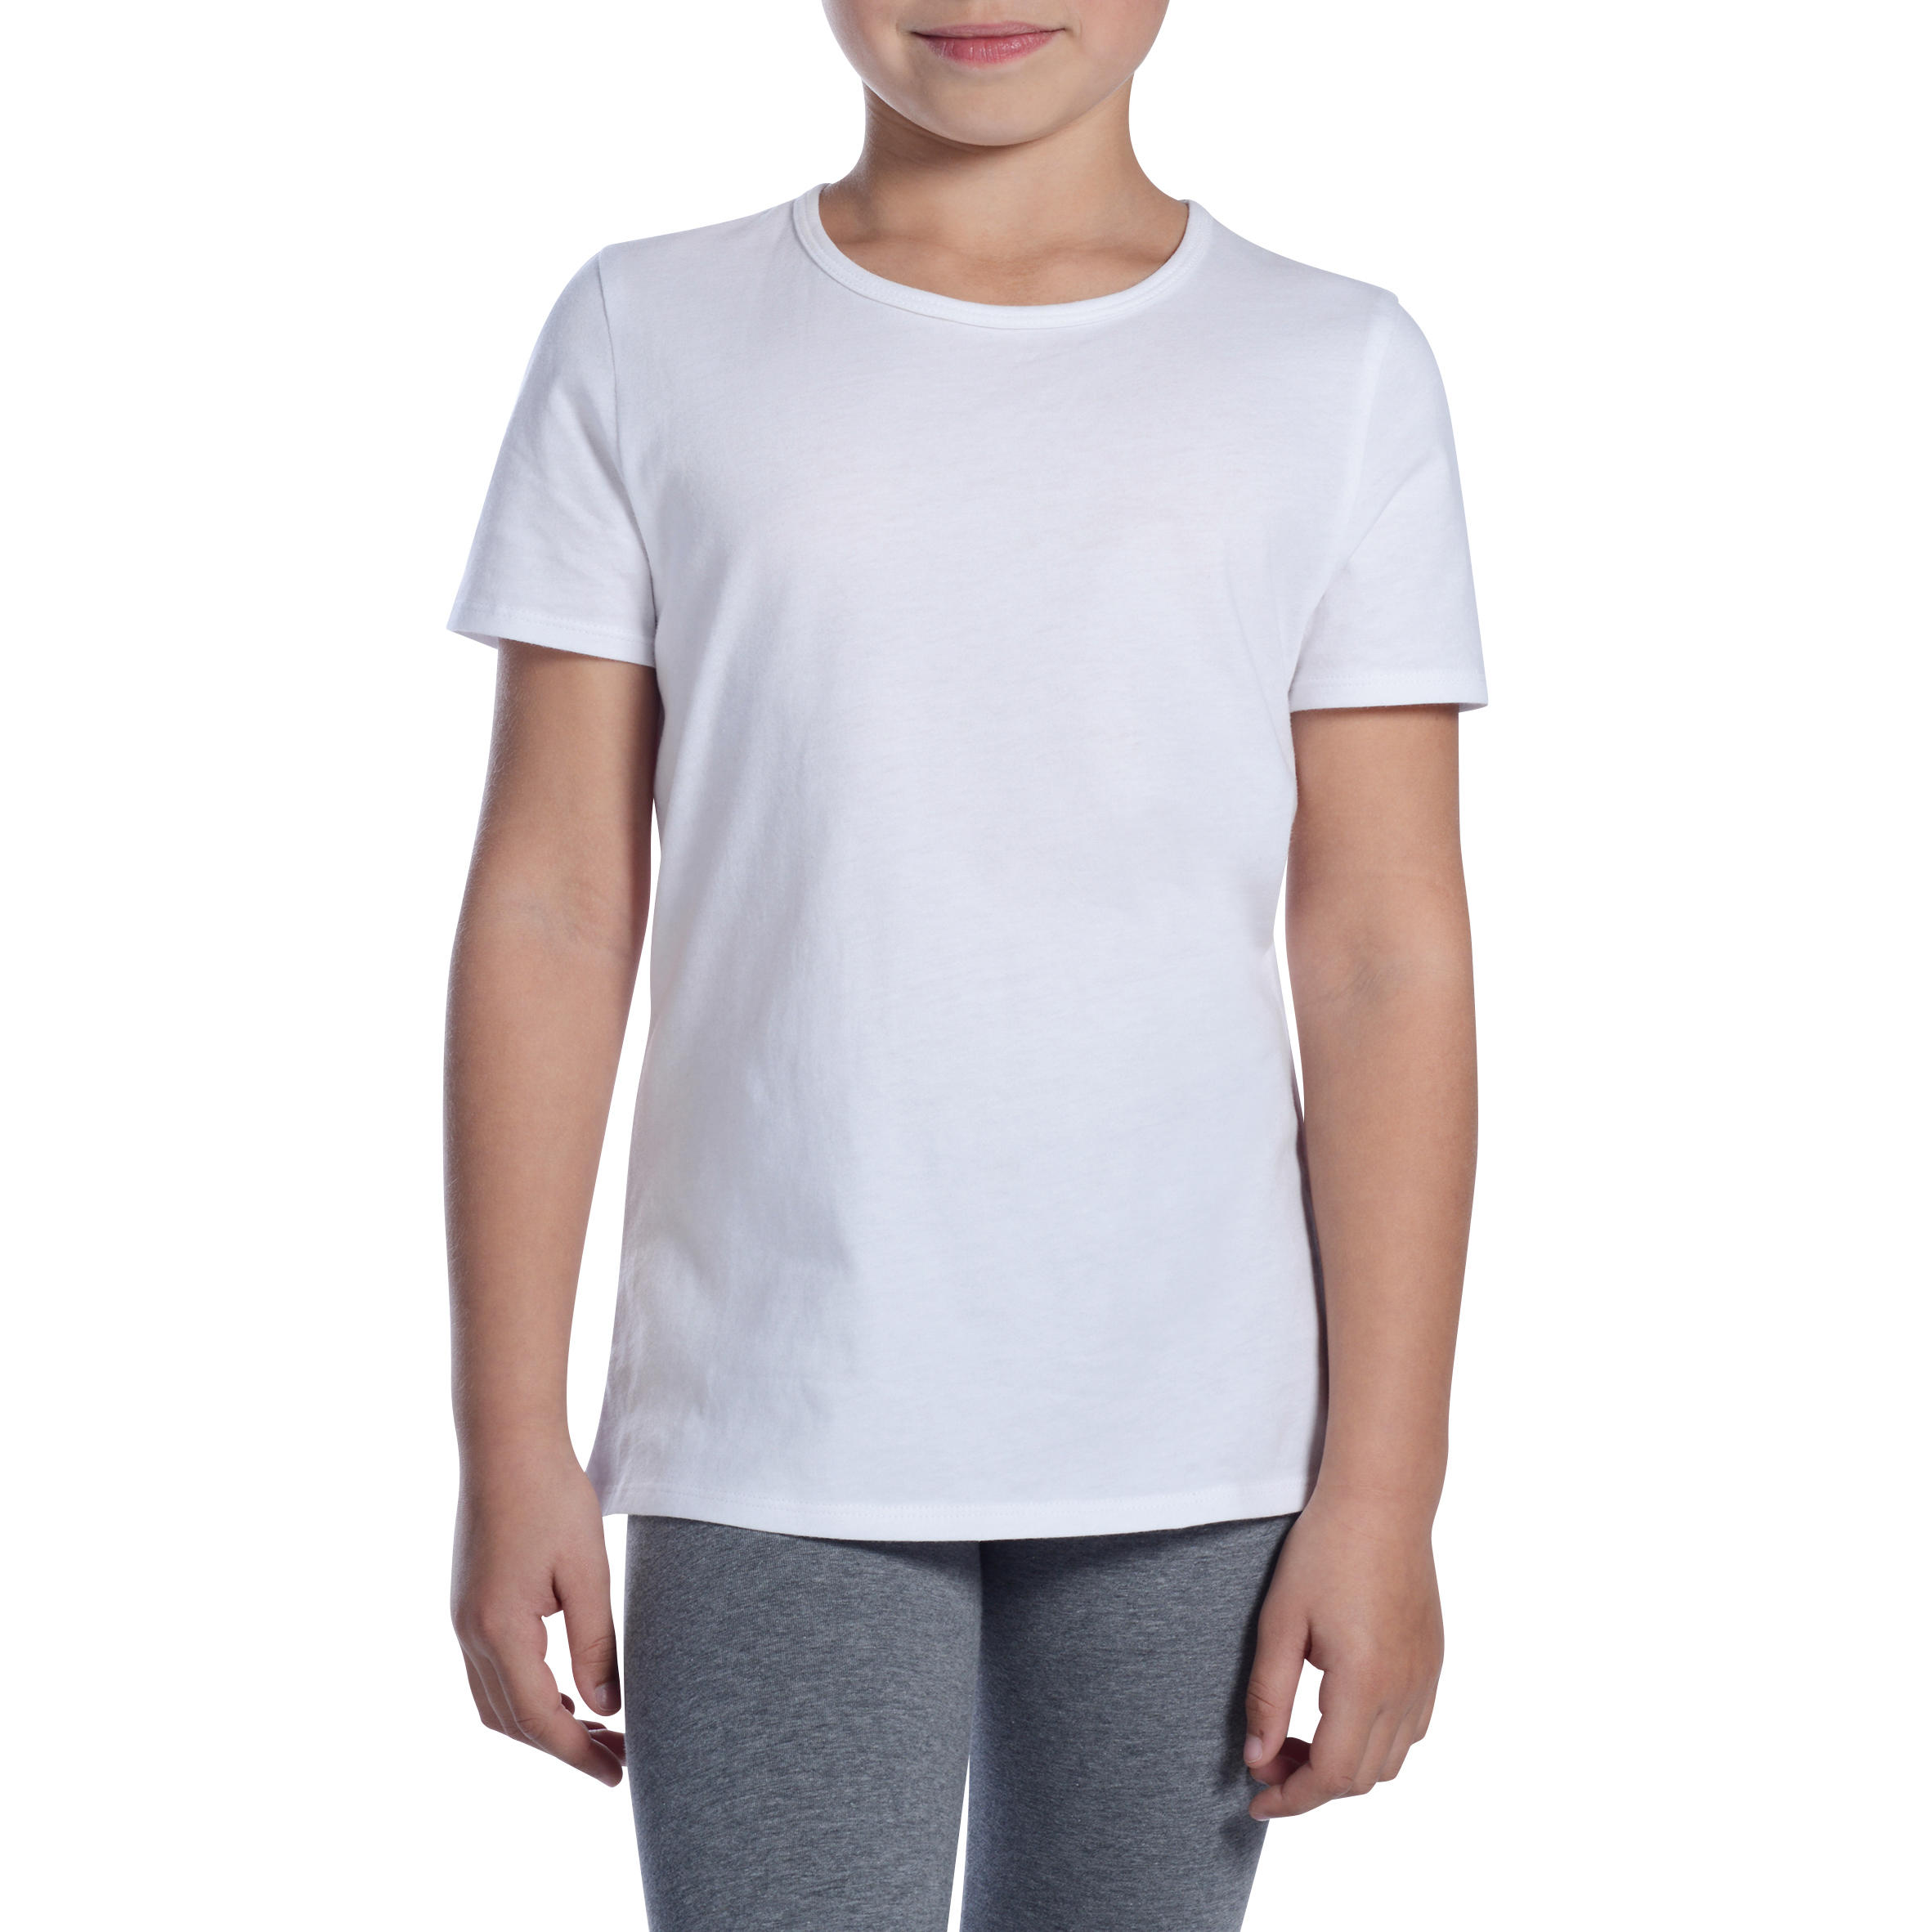 Girl's Short Sleeve Gym T-Shirt 100- White